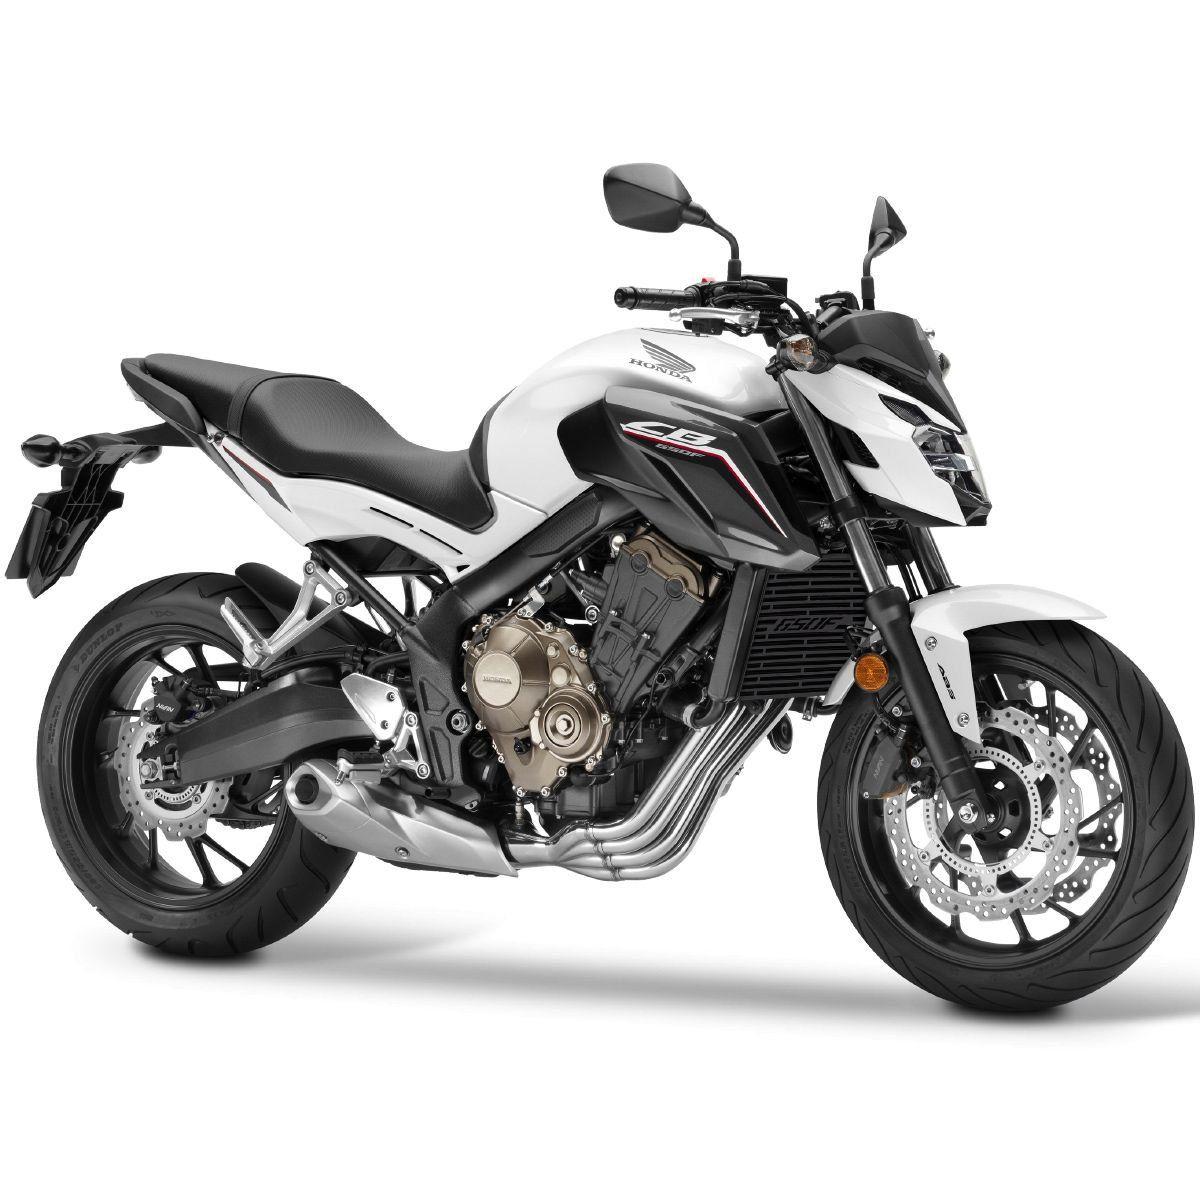 Protetor de Radiador Aço Carbono Honda CB650 F CB650F 2015 2016 2017